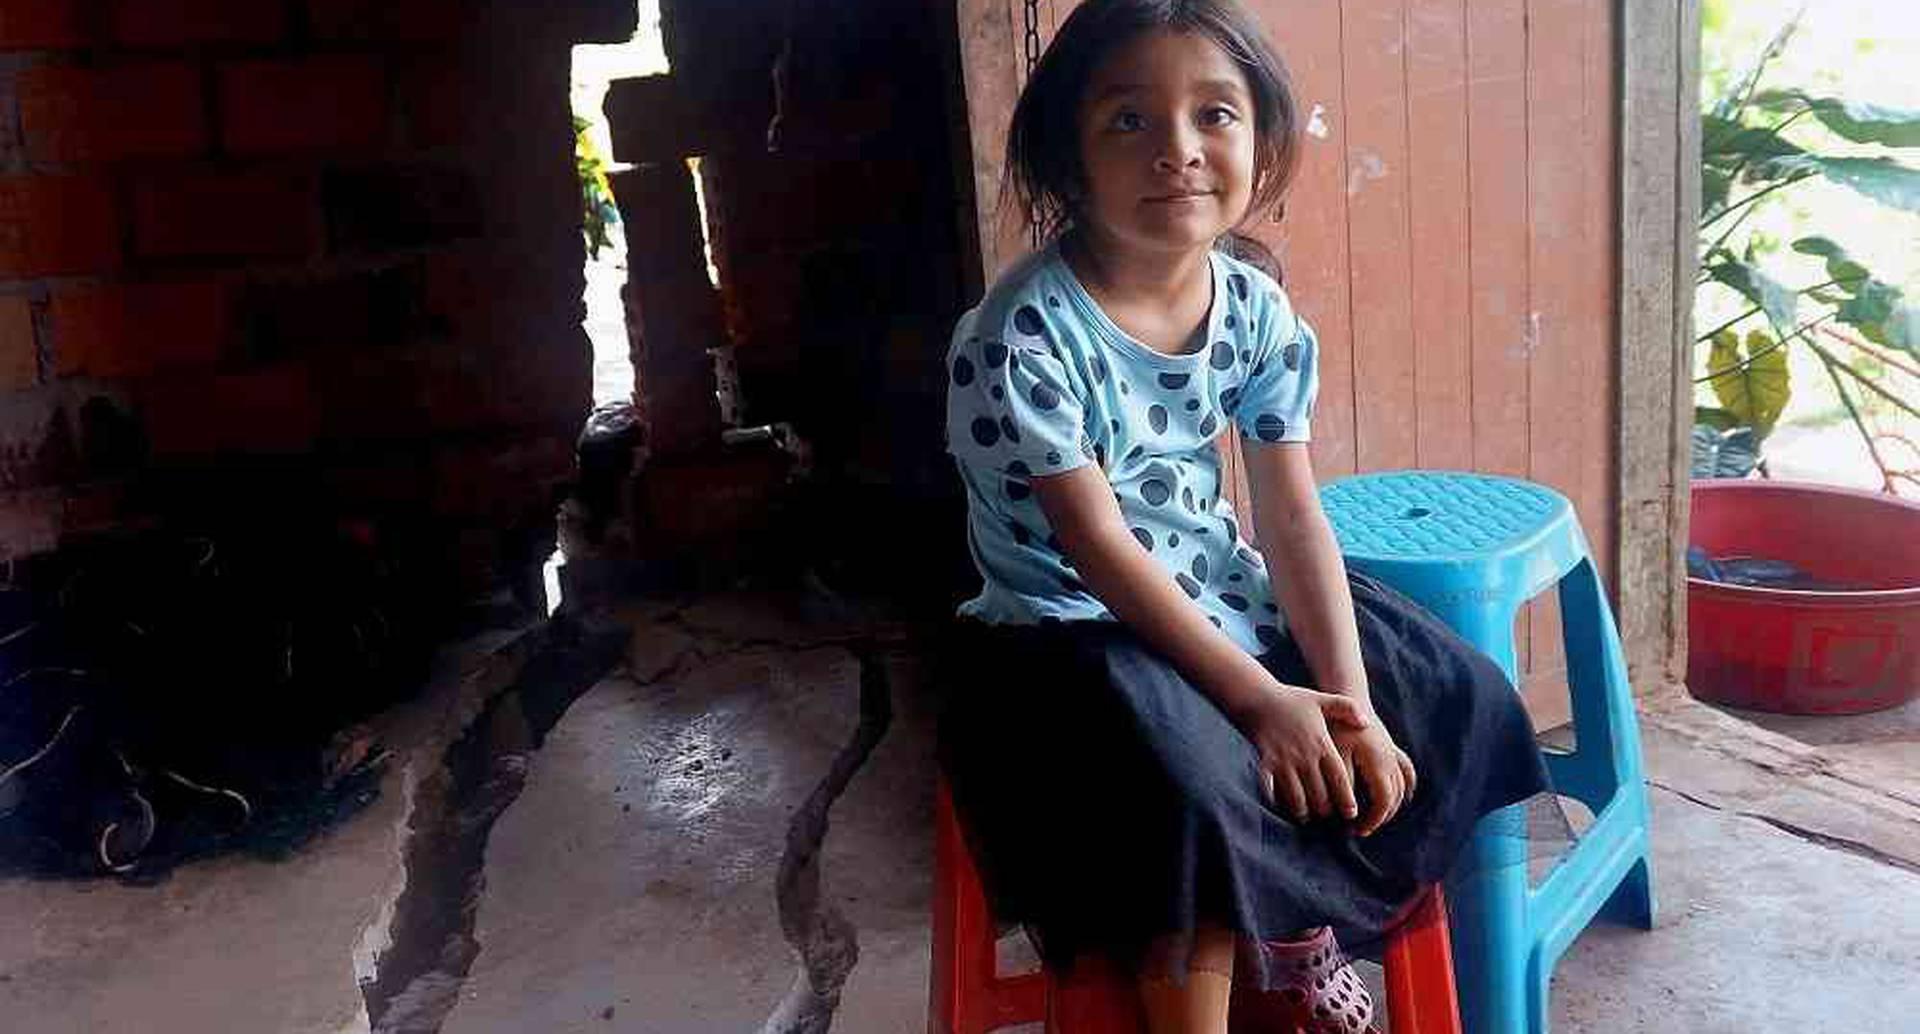 Esta niña está sentada en su casa en Yurimaguas, región amazónica peruana, luego del sismo de 8 grados que sacudió al norte de este país.  Foto: AFP